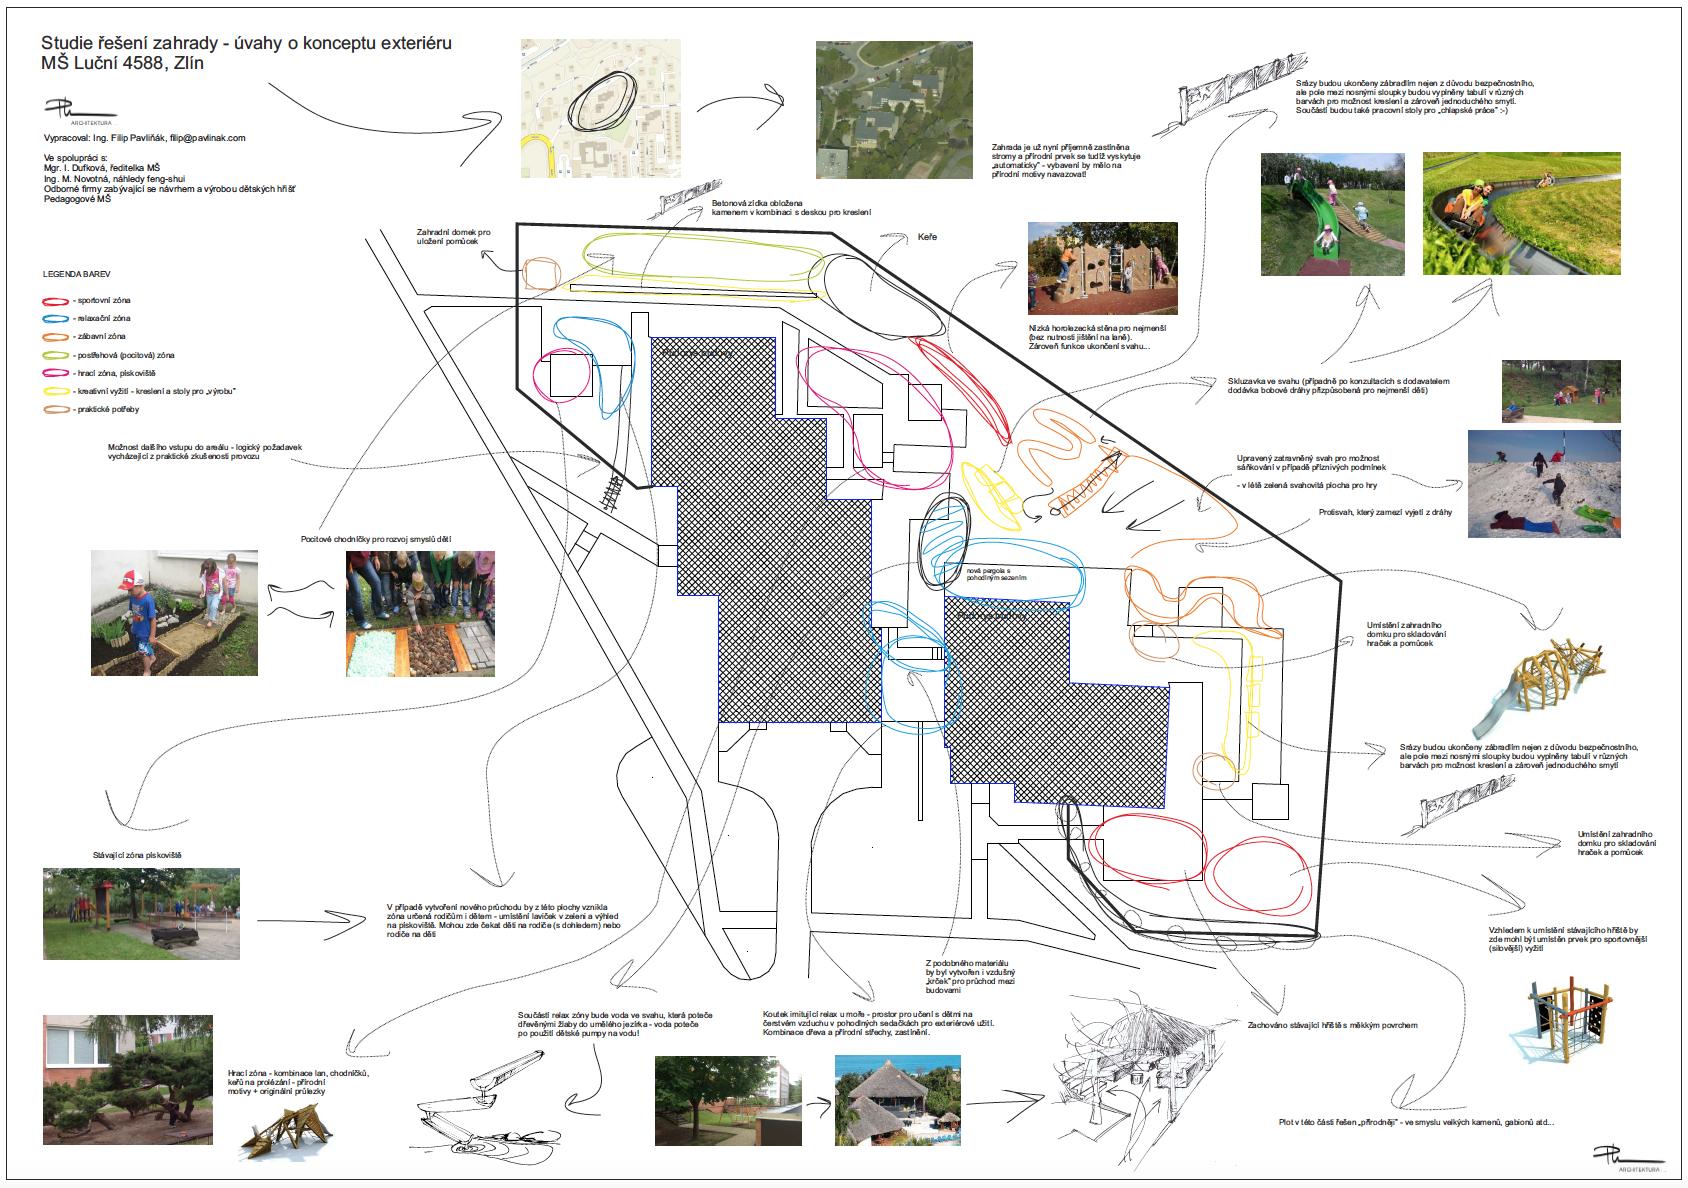 Návrh zahrady pro školku Zlín